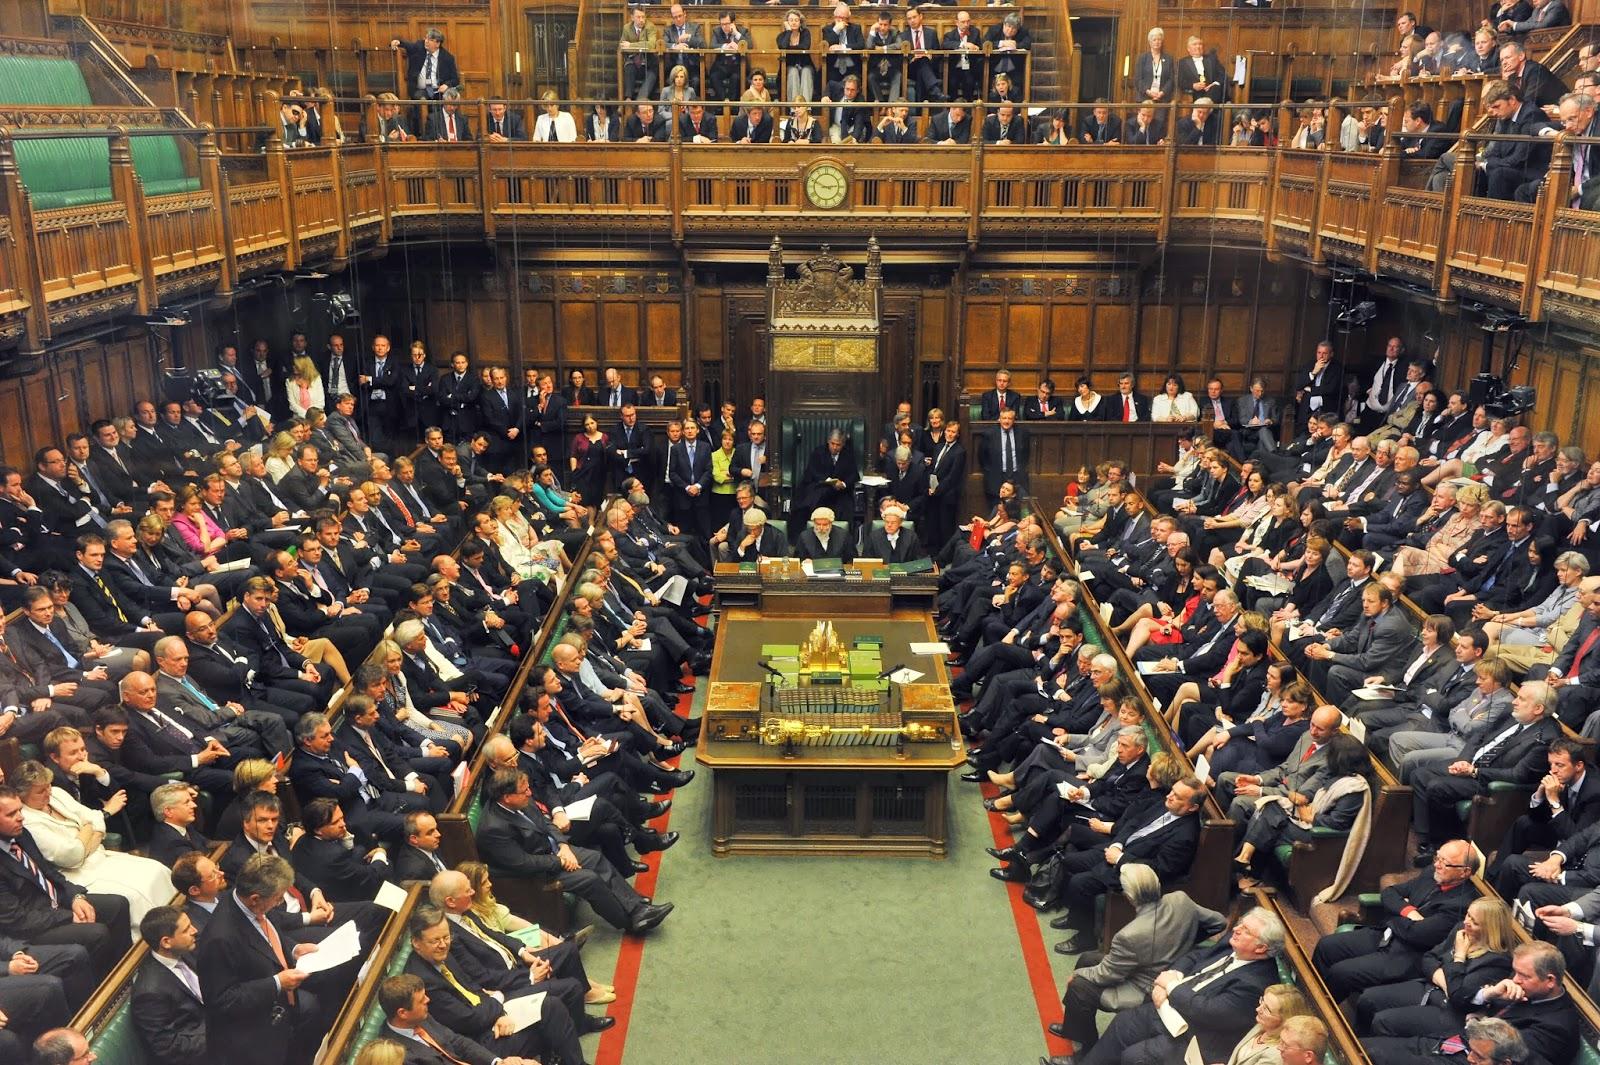 مطالبات بإعادة أنشطة البرلمان البريطاني بعد قرار بعدم قانونية تعليقها